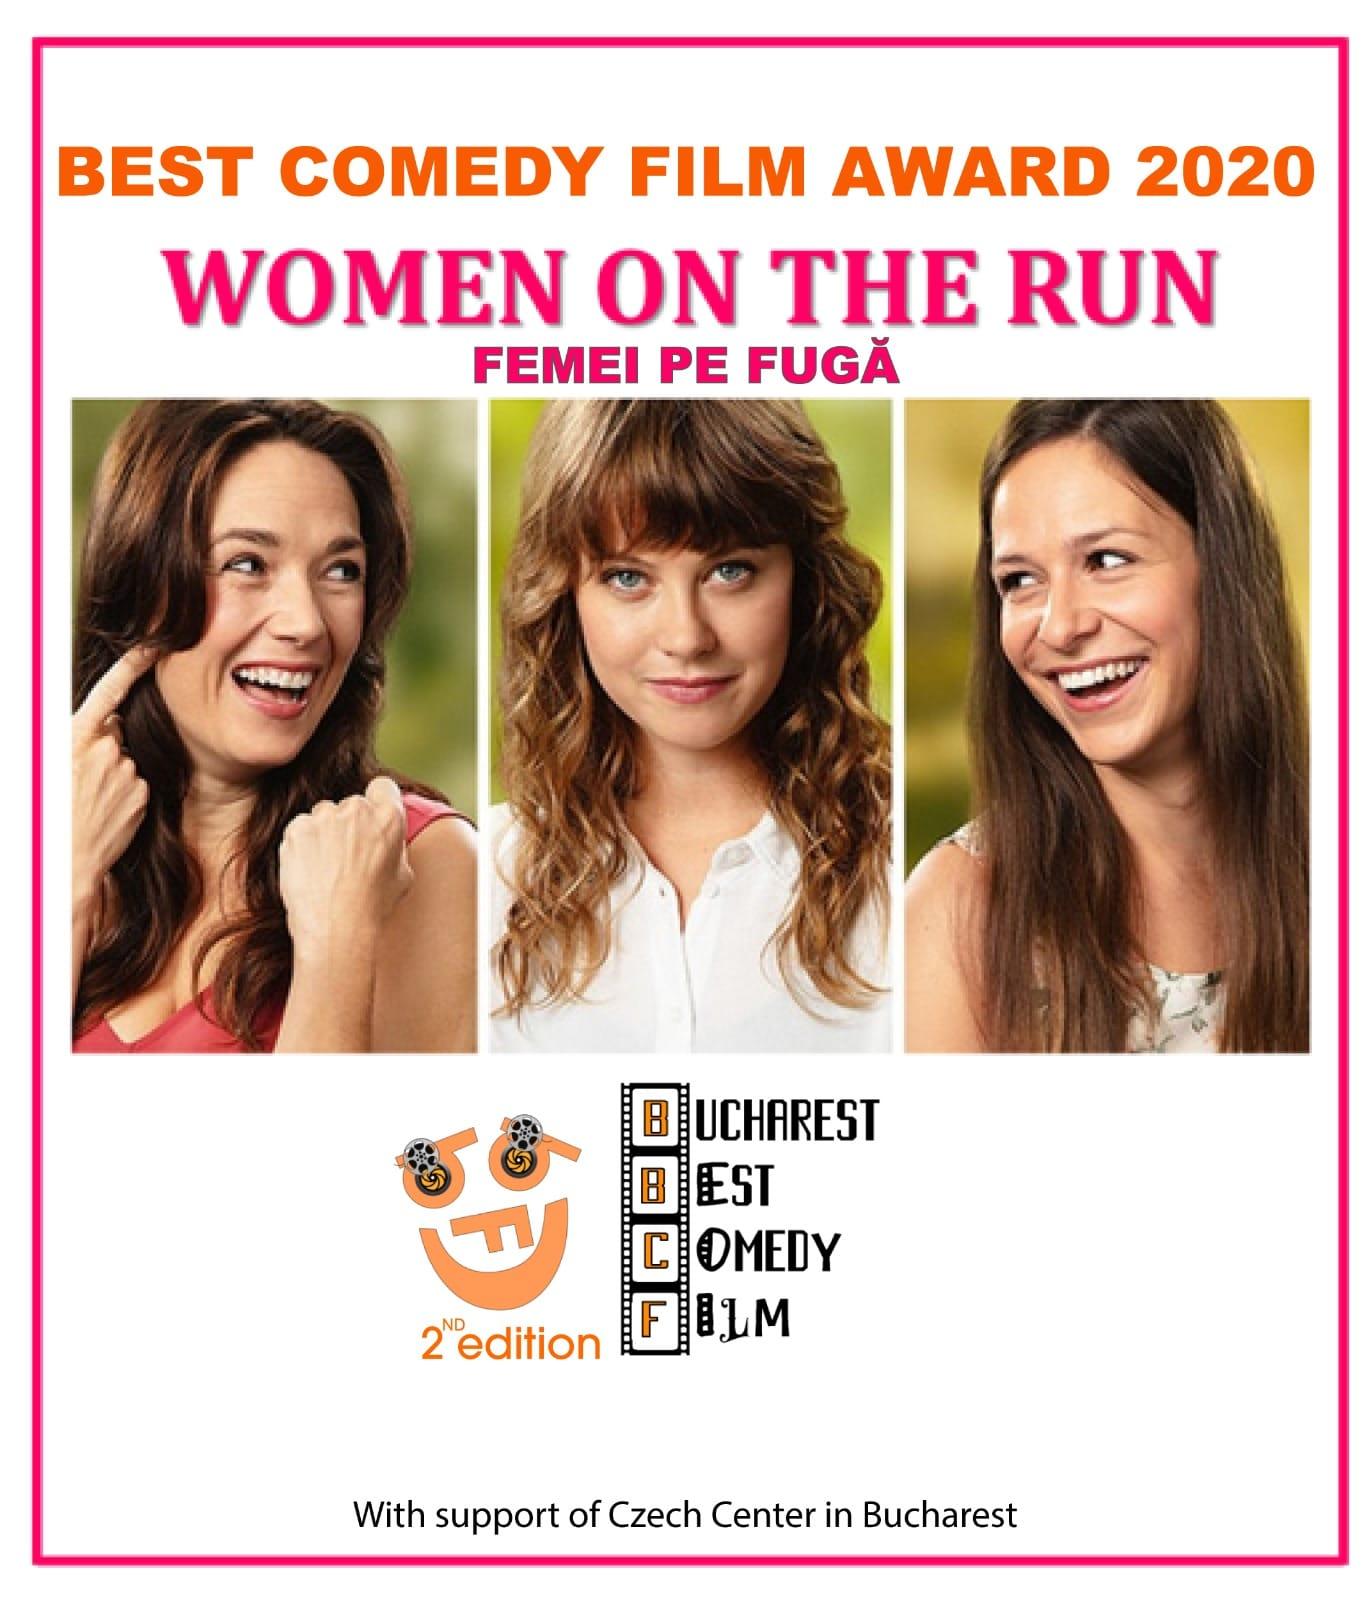 """Filmul """"Femei pe fugă"""" - Cehia a câștigat competiția  festivalului Bucharest Best Comedy Film 2020!"""